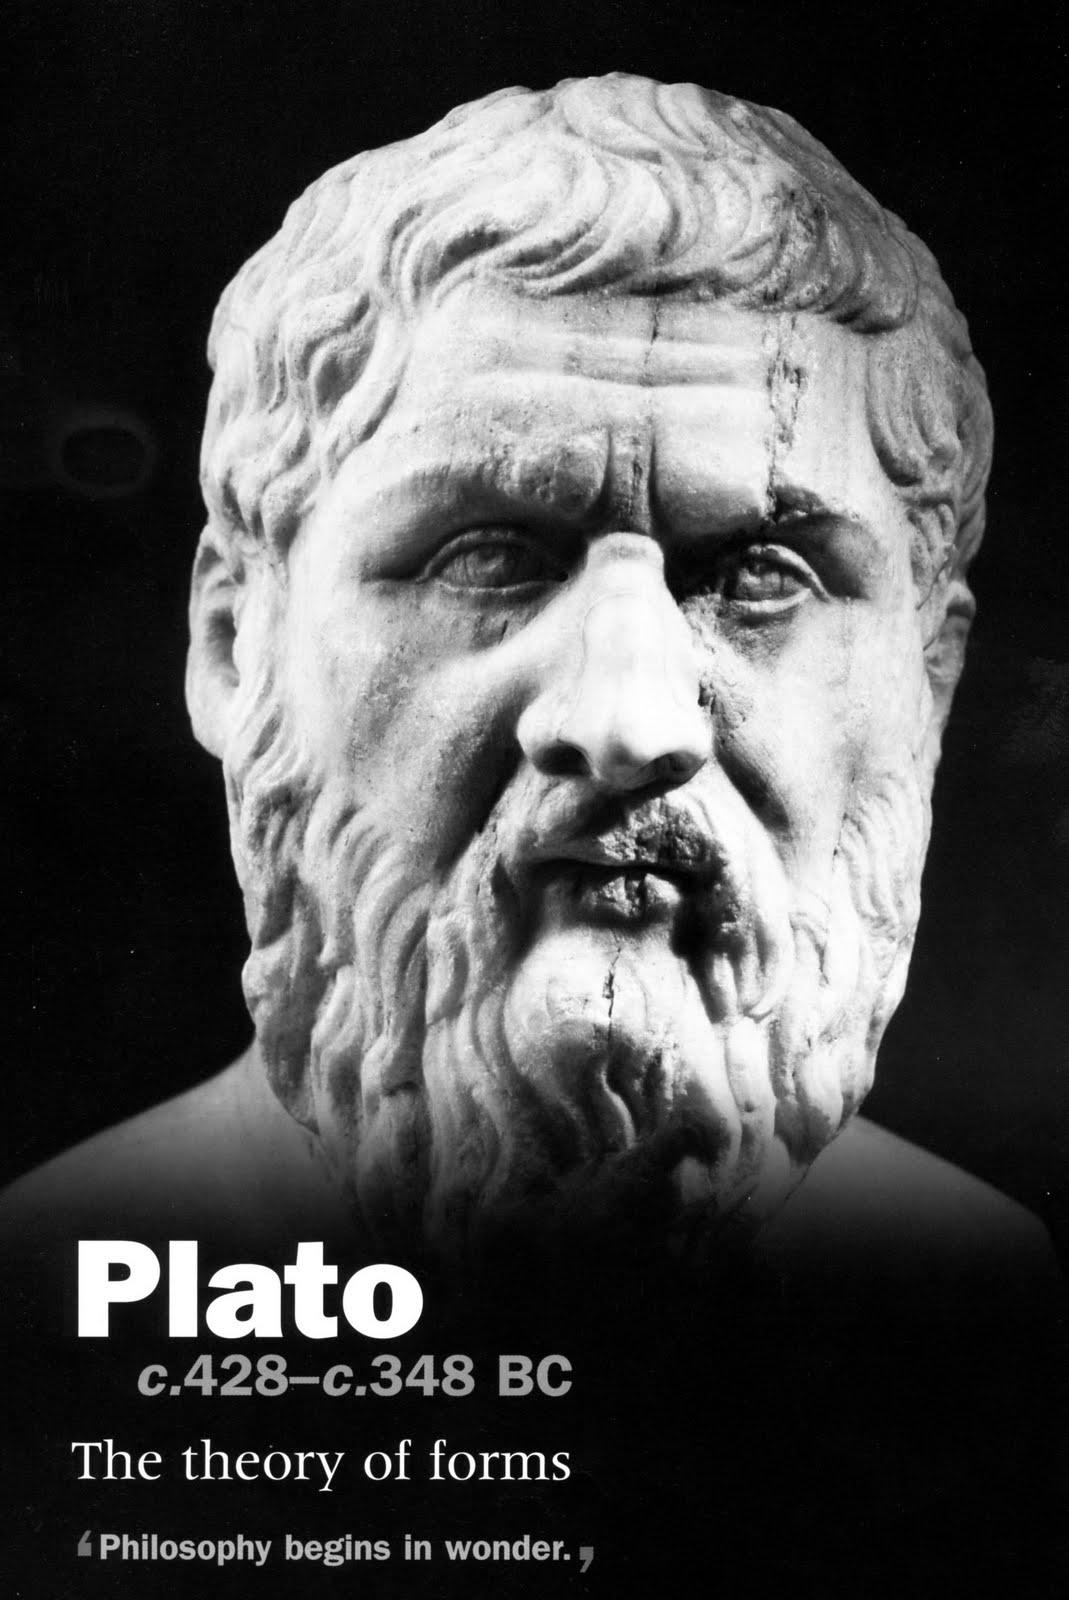 Plato125